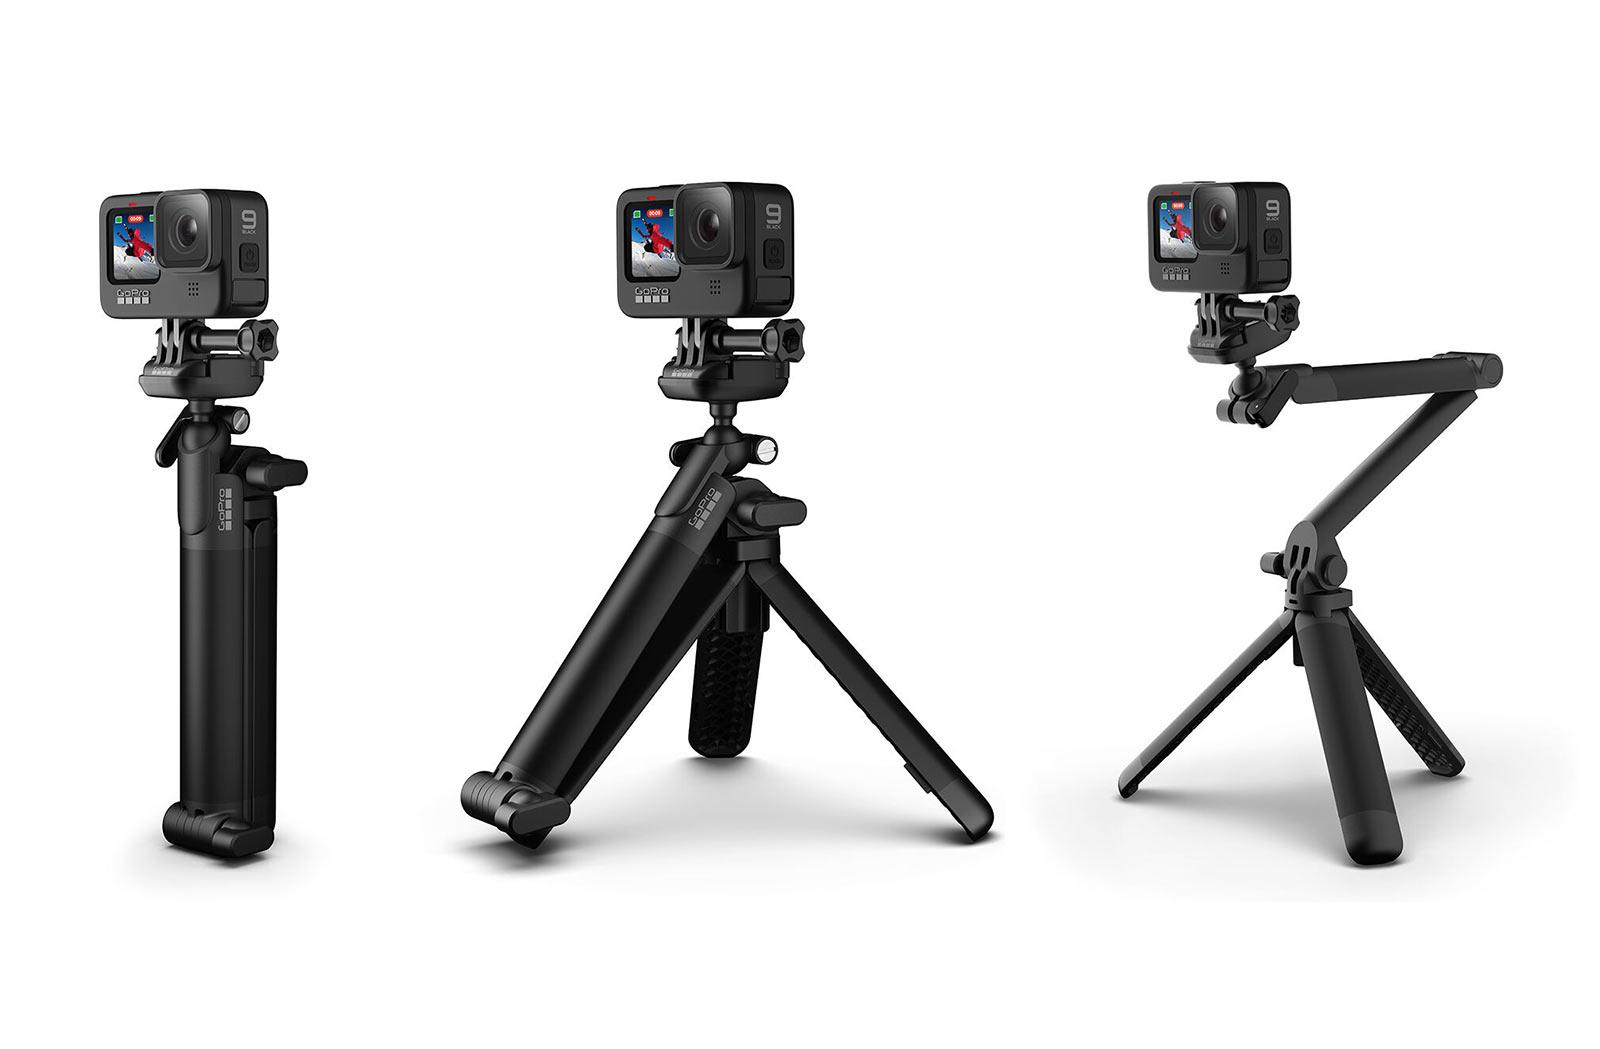 Der neue GoPro 3-Way 2.0 Griff lässt sich in einige interessante Positionen einklappen, der neue Rucksack sieht überraschend gut aus